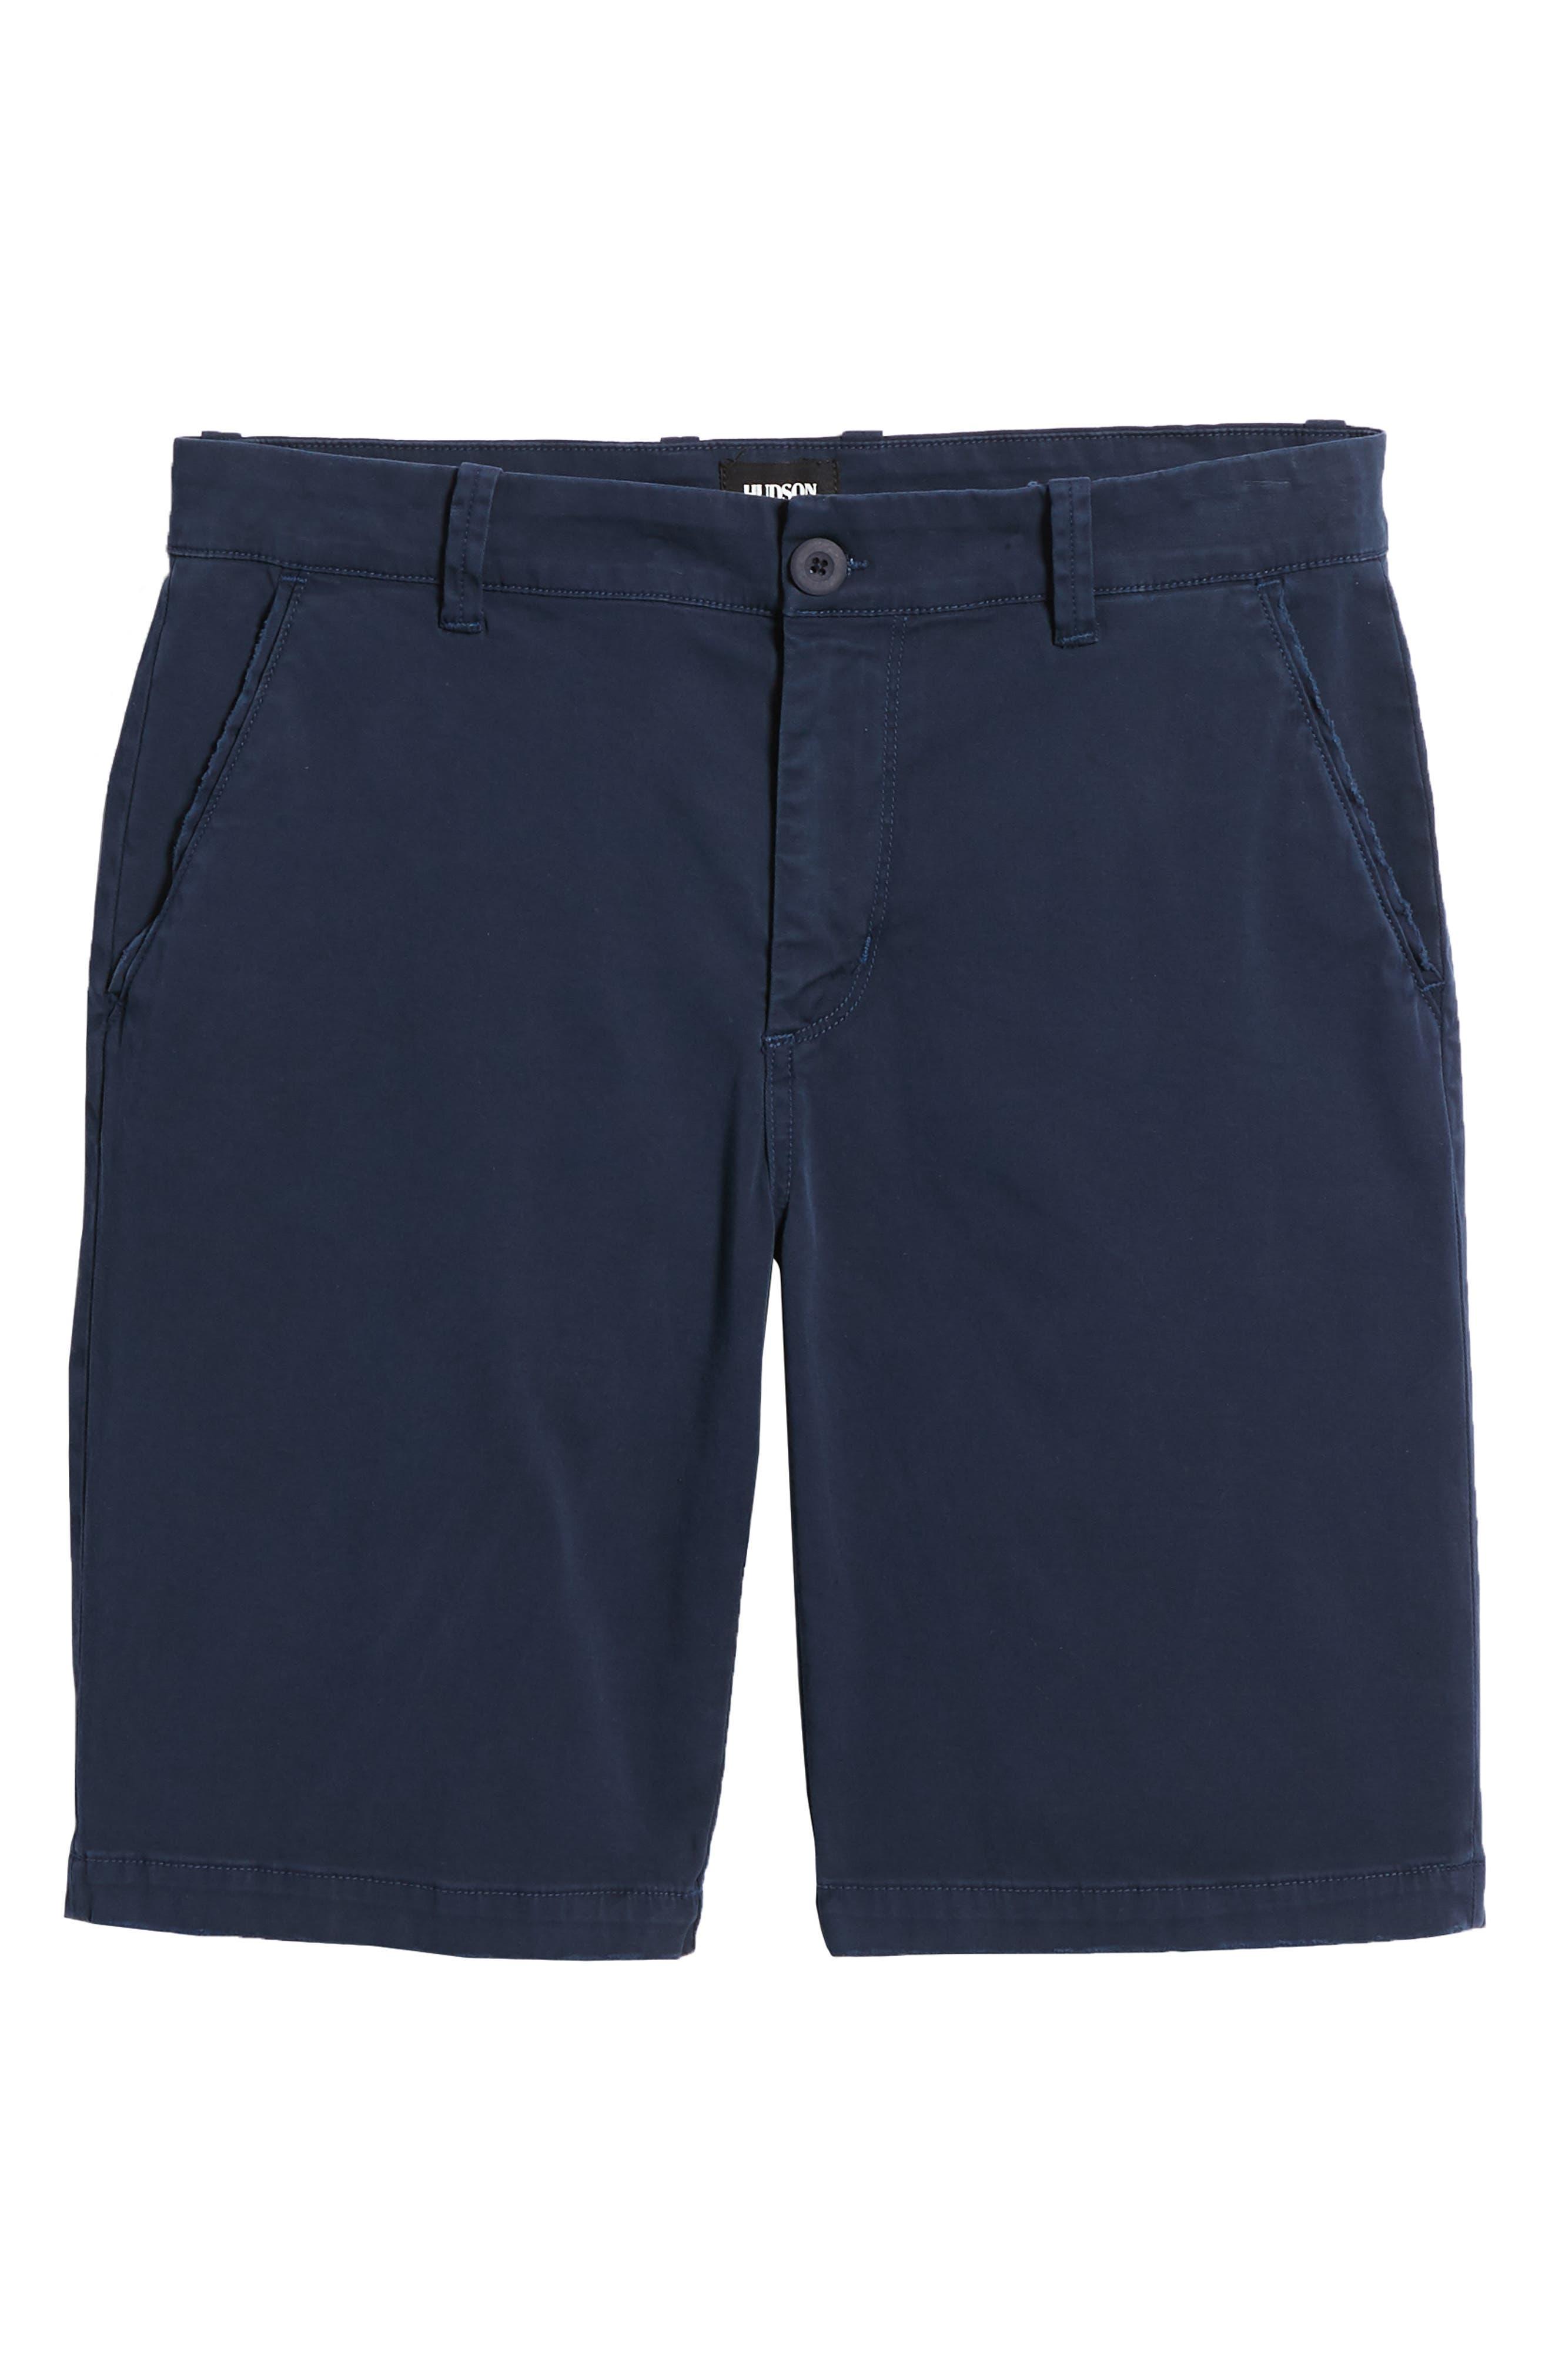 Hudson Clint Chino Shorts,                             Alternate thumbnail 6, color,                             Navy